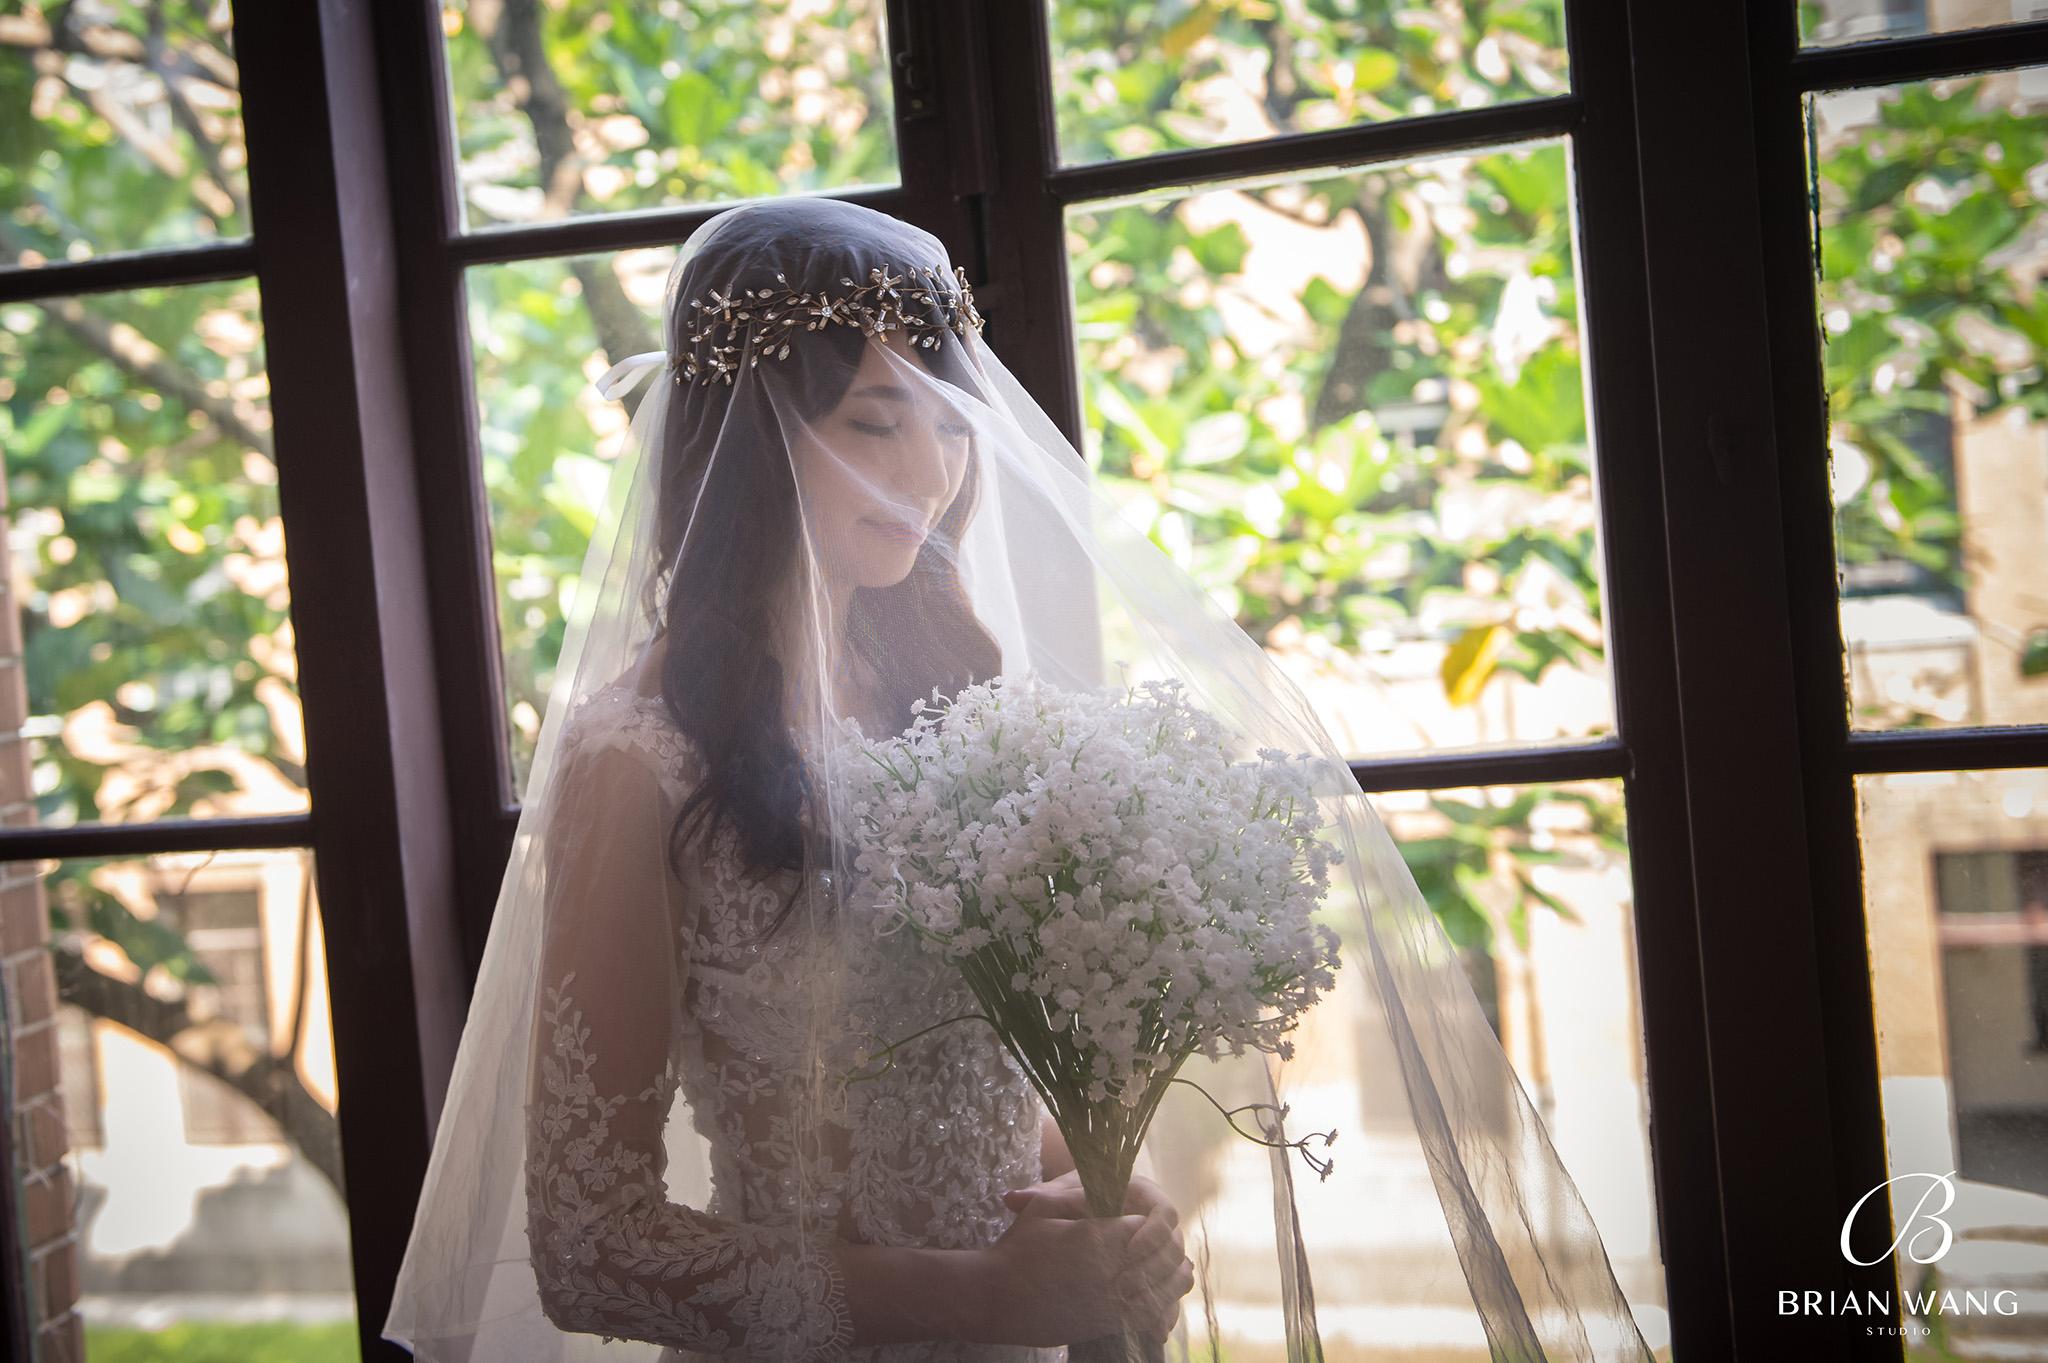 '陽明山黑森林婚紗,逆光婚紗,時尚曼谷婚紗,台大婚紗,台大校史館婚紗,食尚曼谷婚紗,婚紗價格,BWS_9480'